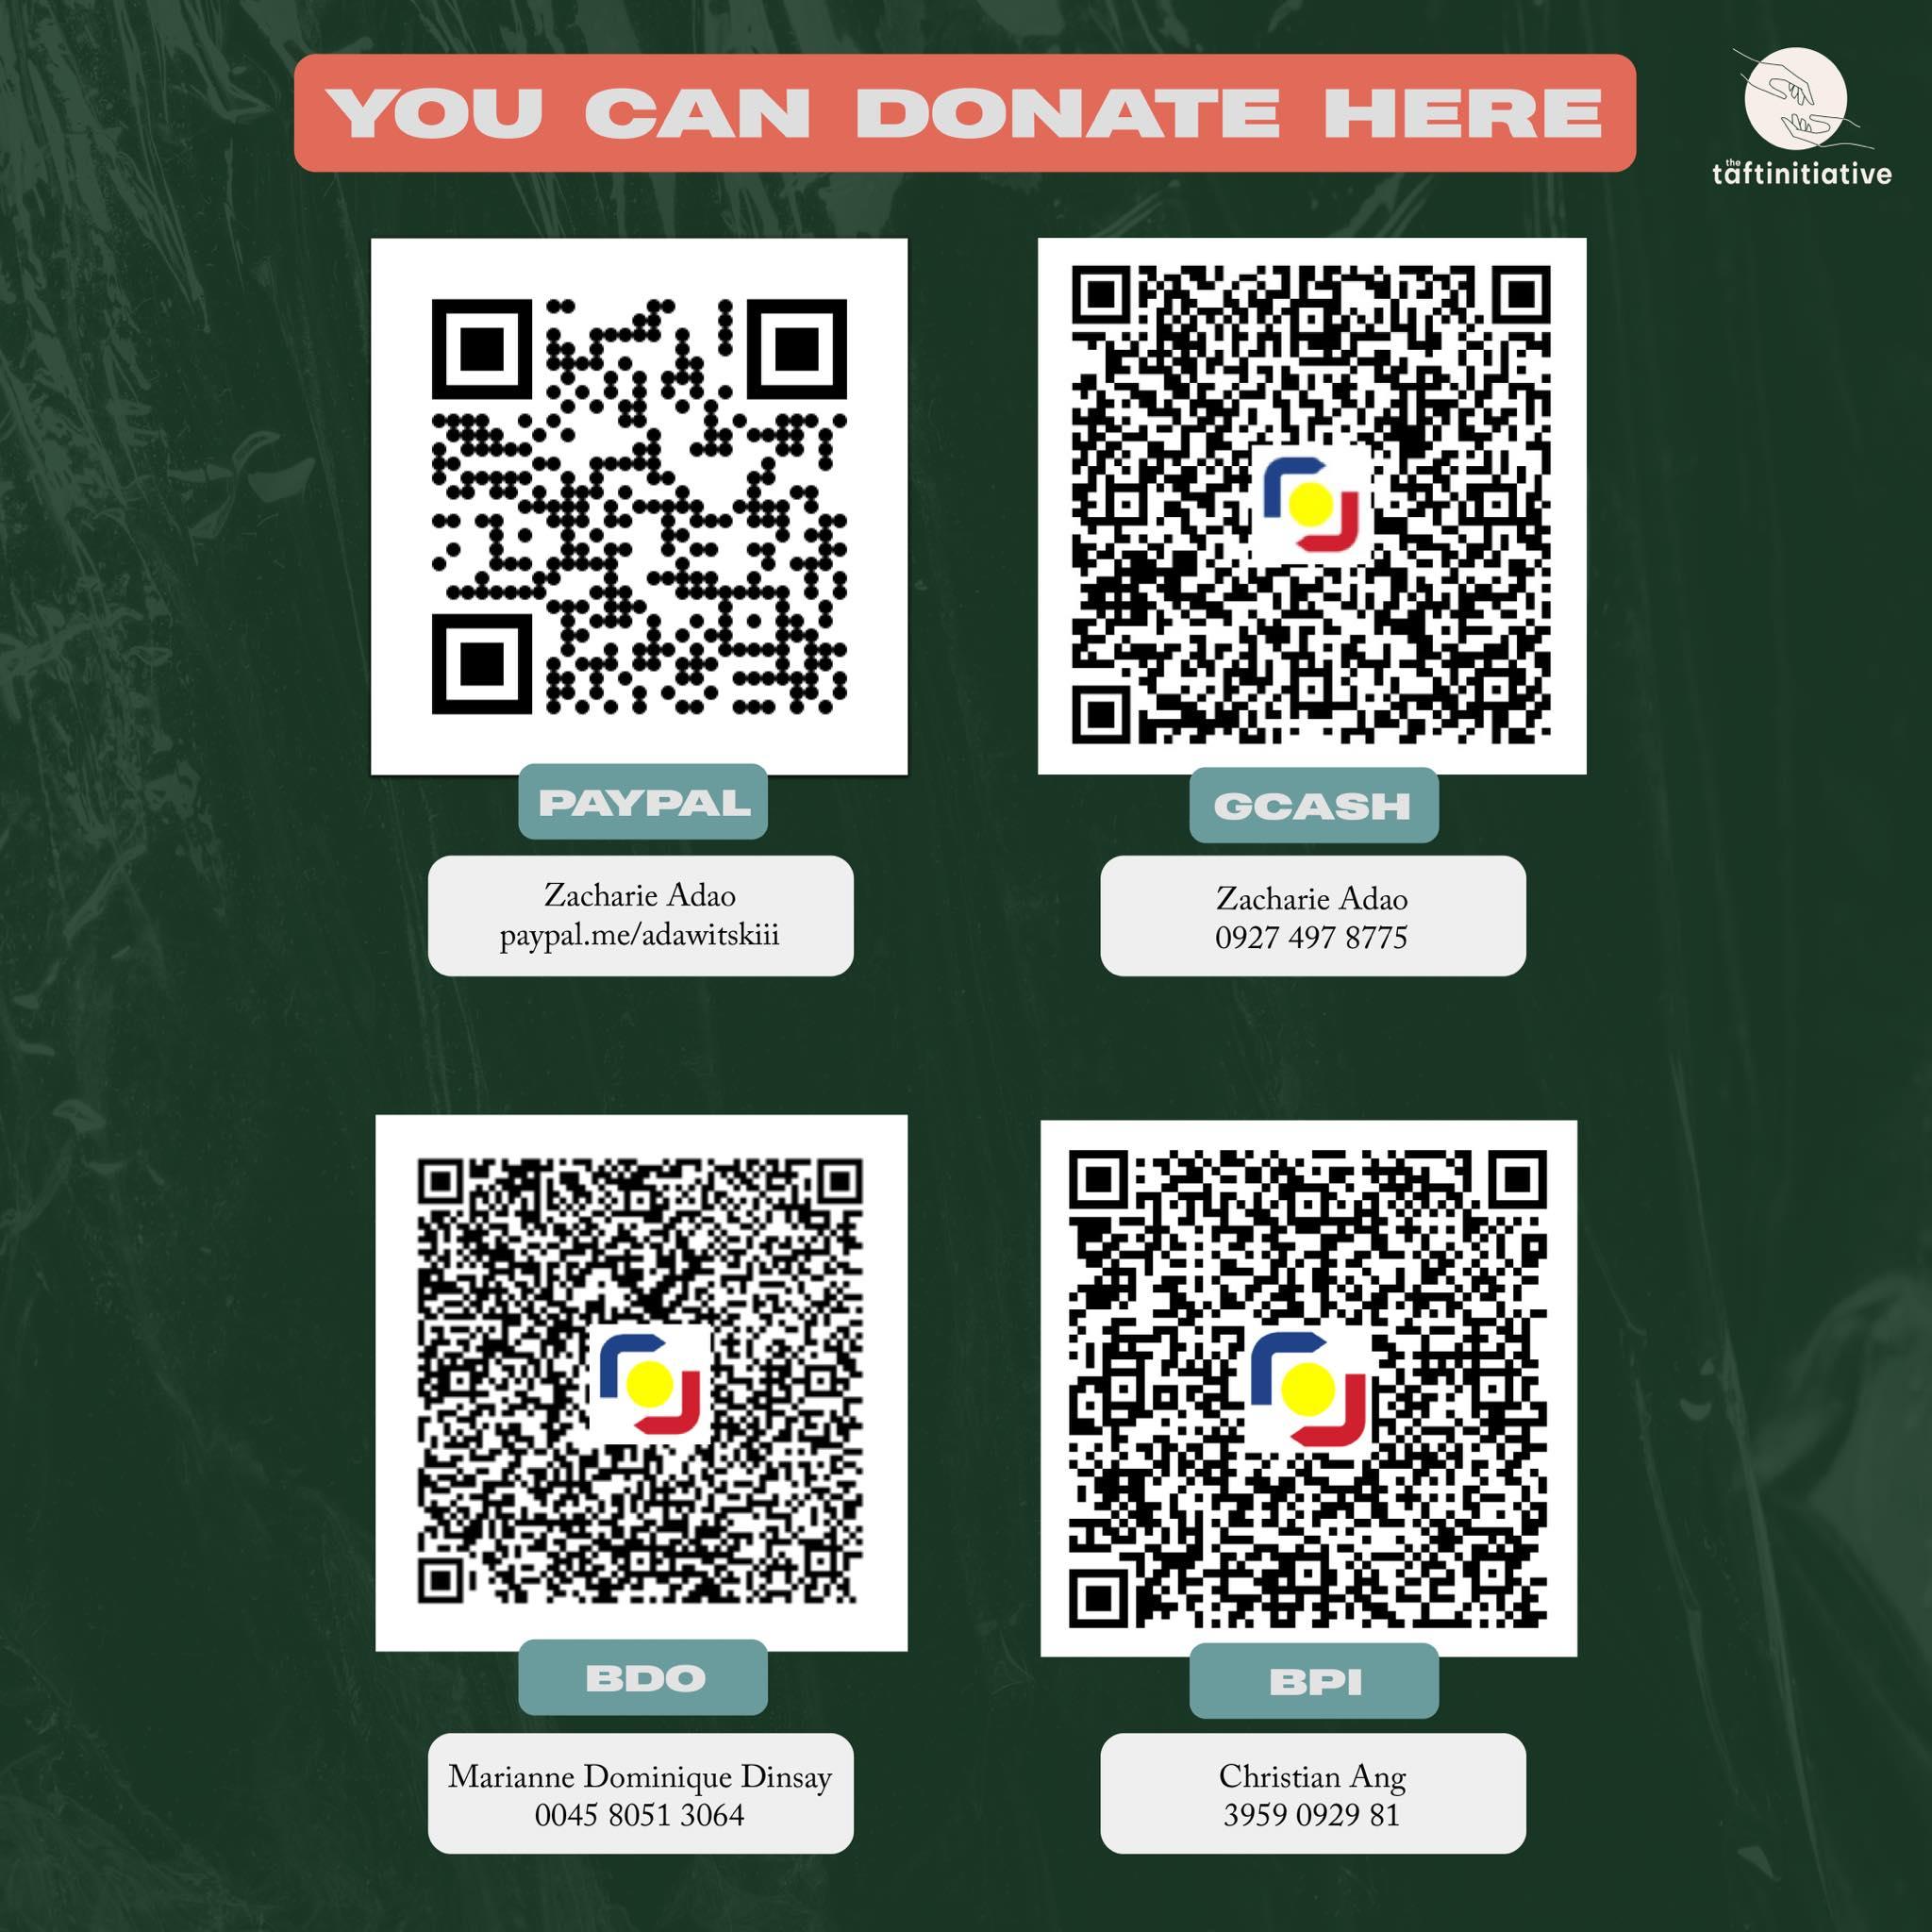 Taft Initiative Qr Code Donations